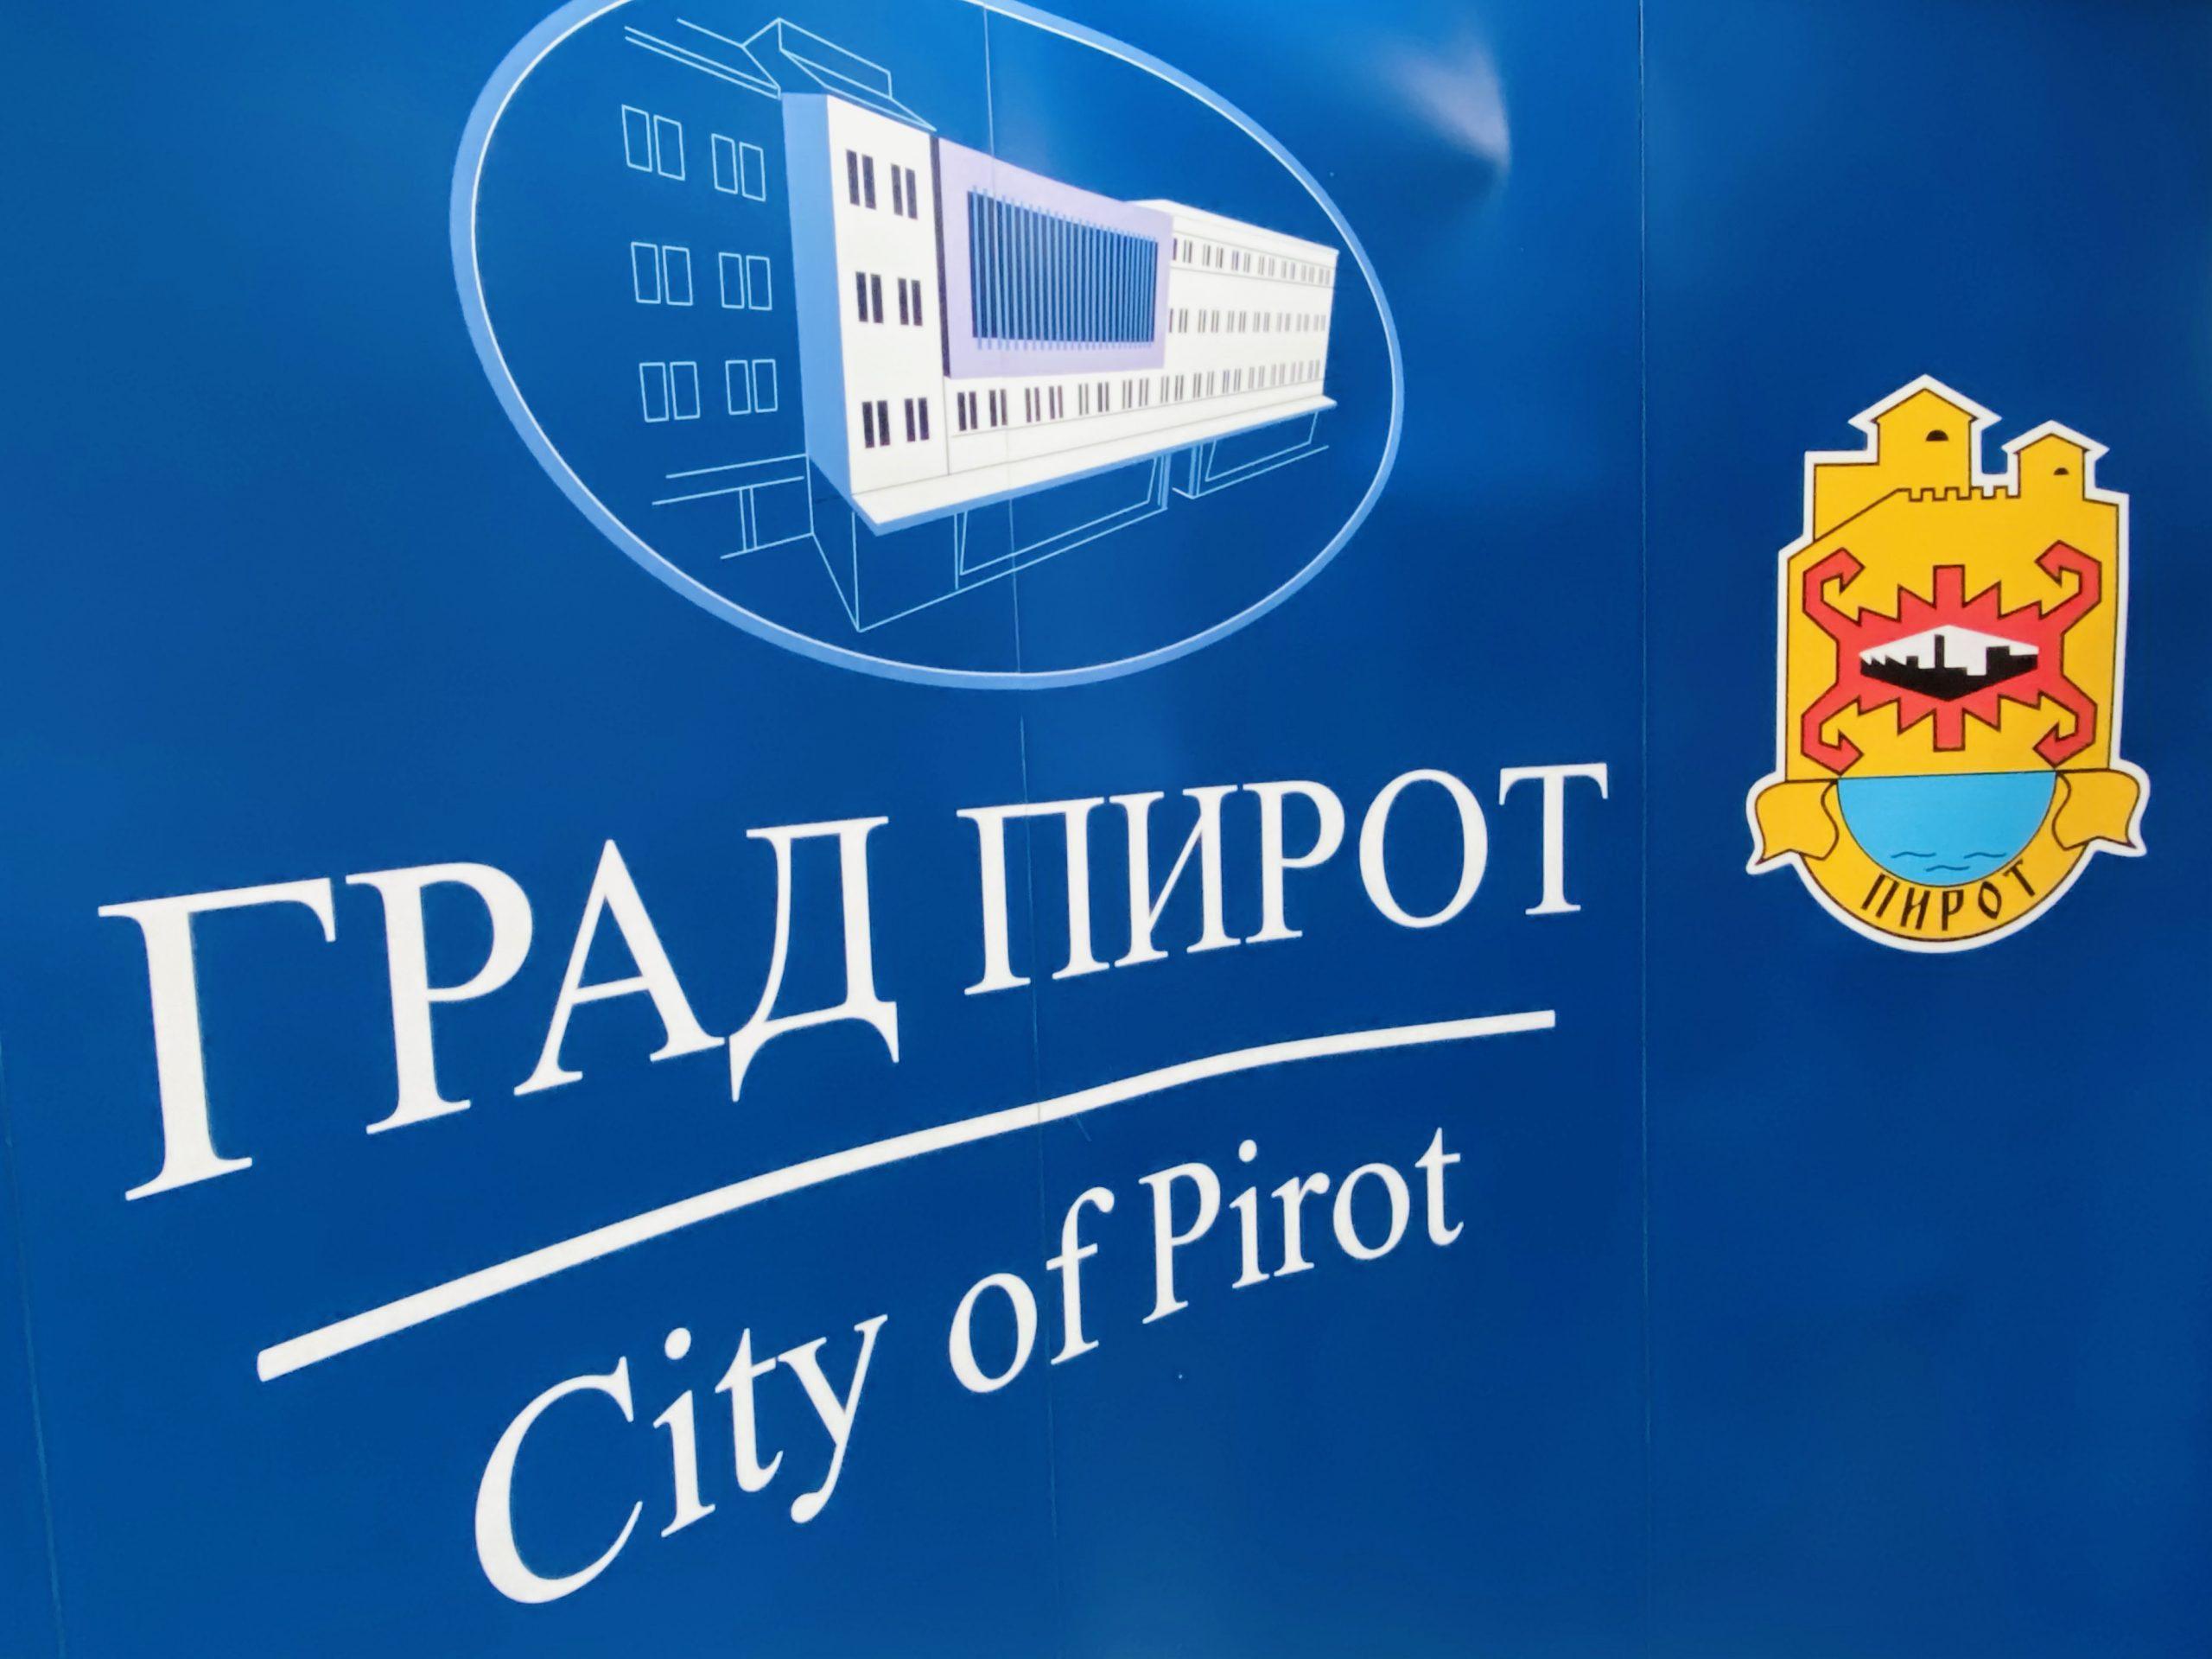 Photo of Apotekarska ustanova: Za penzionere u petak od 4 ujutru otvorene tri apoteke